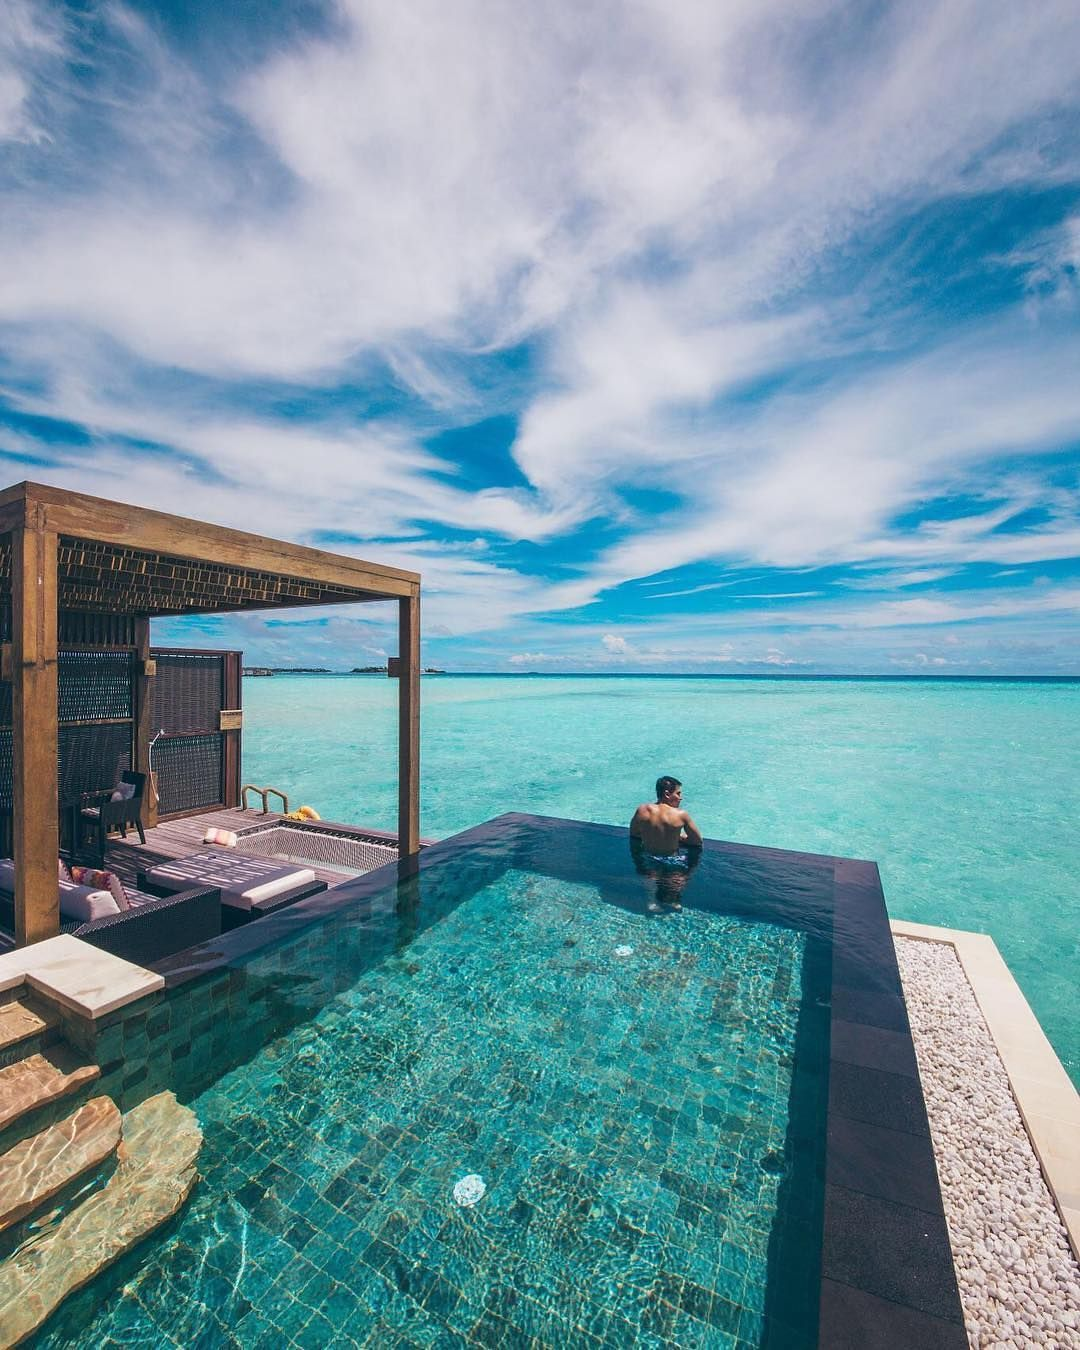 Hôtel de luxe: Les meilleurs bons plans - Voyage pas cher